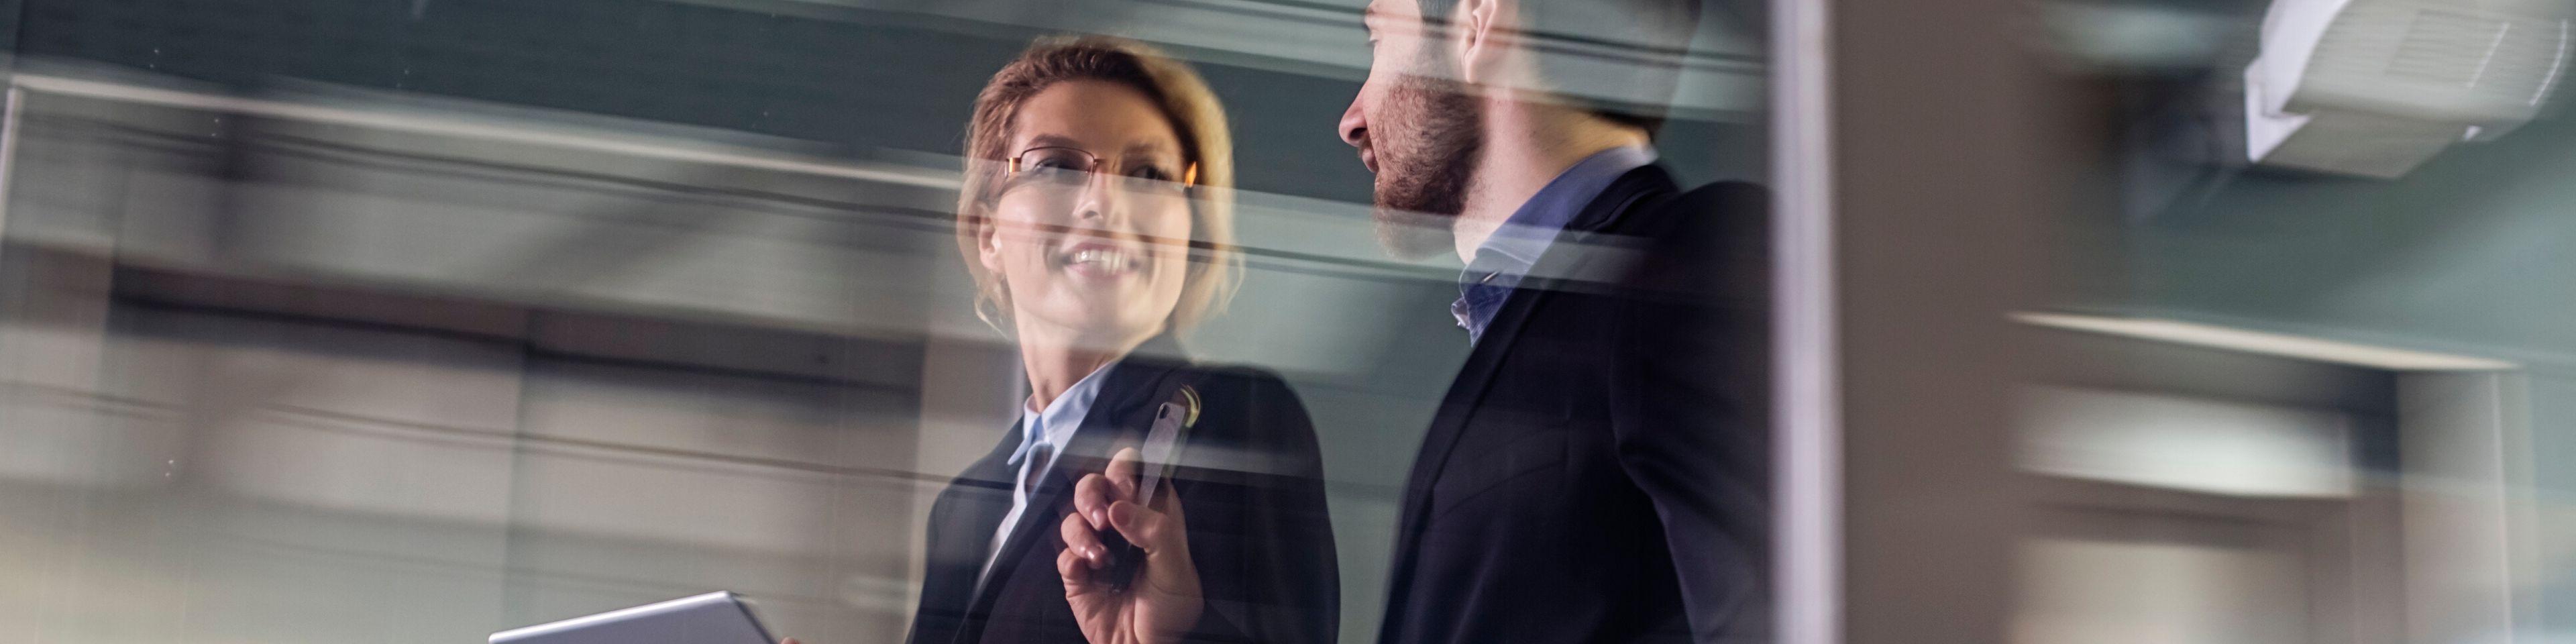 compliance management best practices